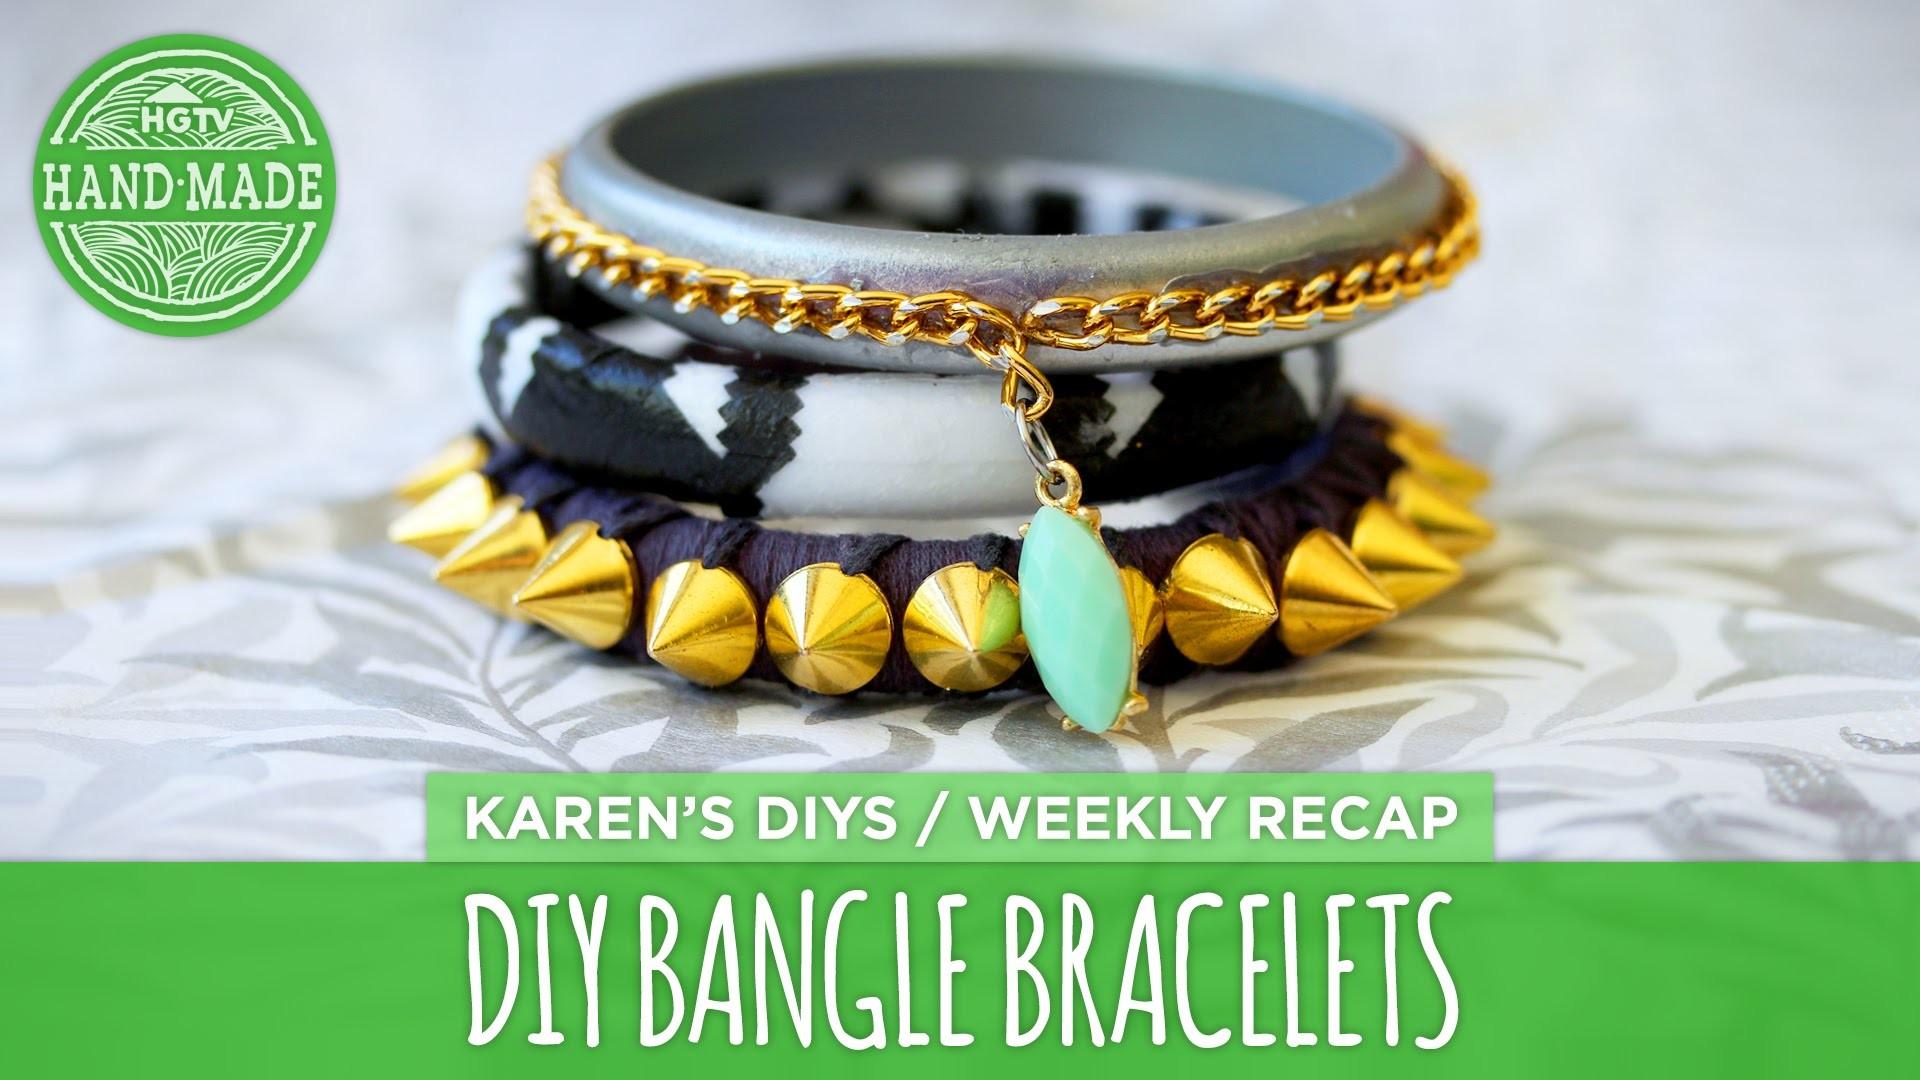 DIY Bangle Bracelets - HGTV Handmade